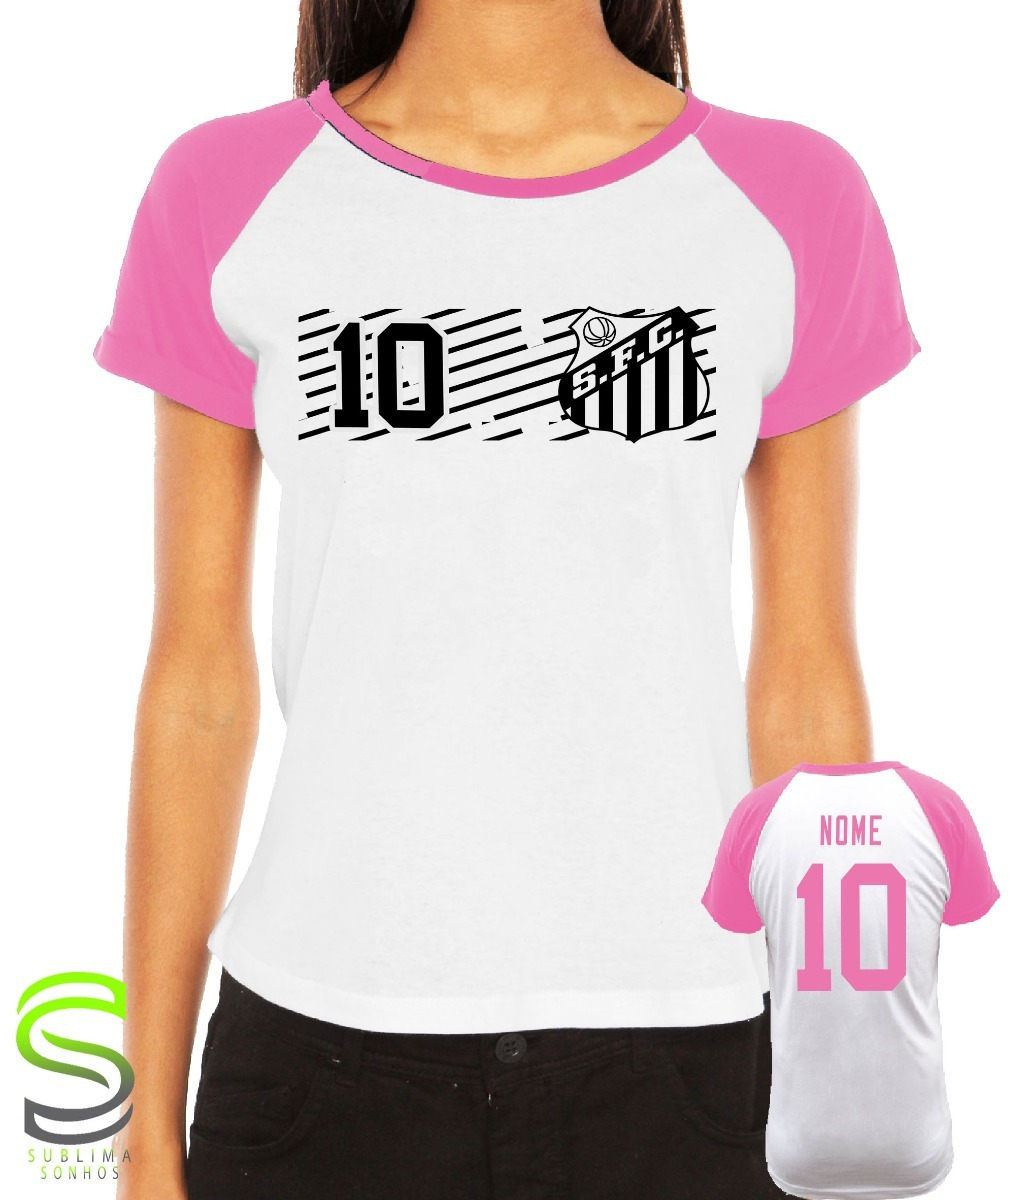 e2e2871ad8e71 camiseta santos feminina personalizada rosa. Carregando zoom.